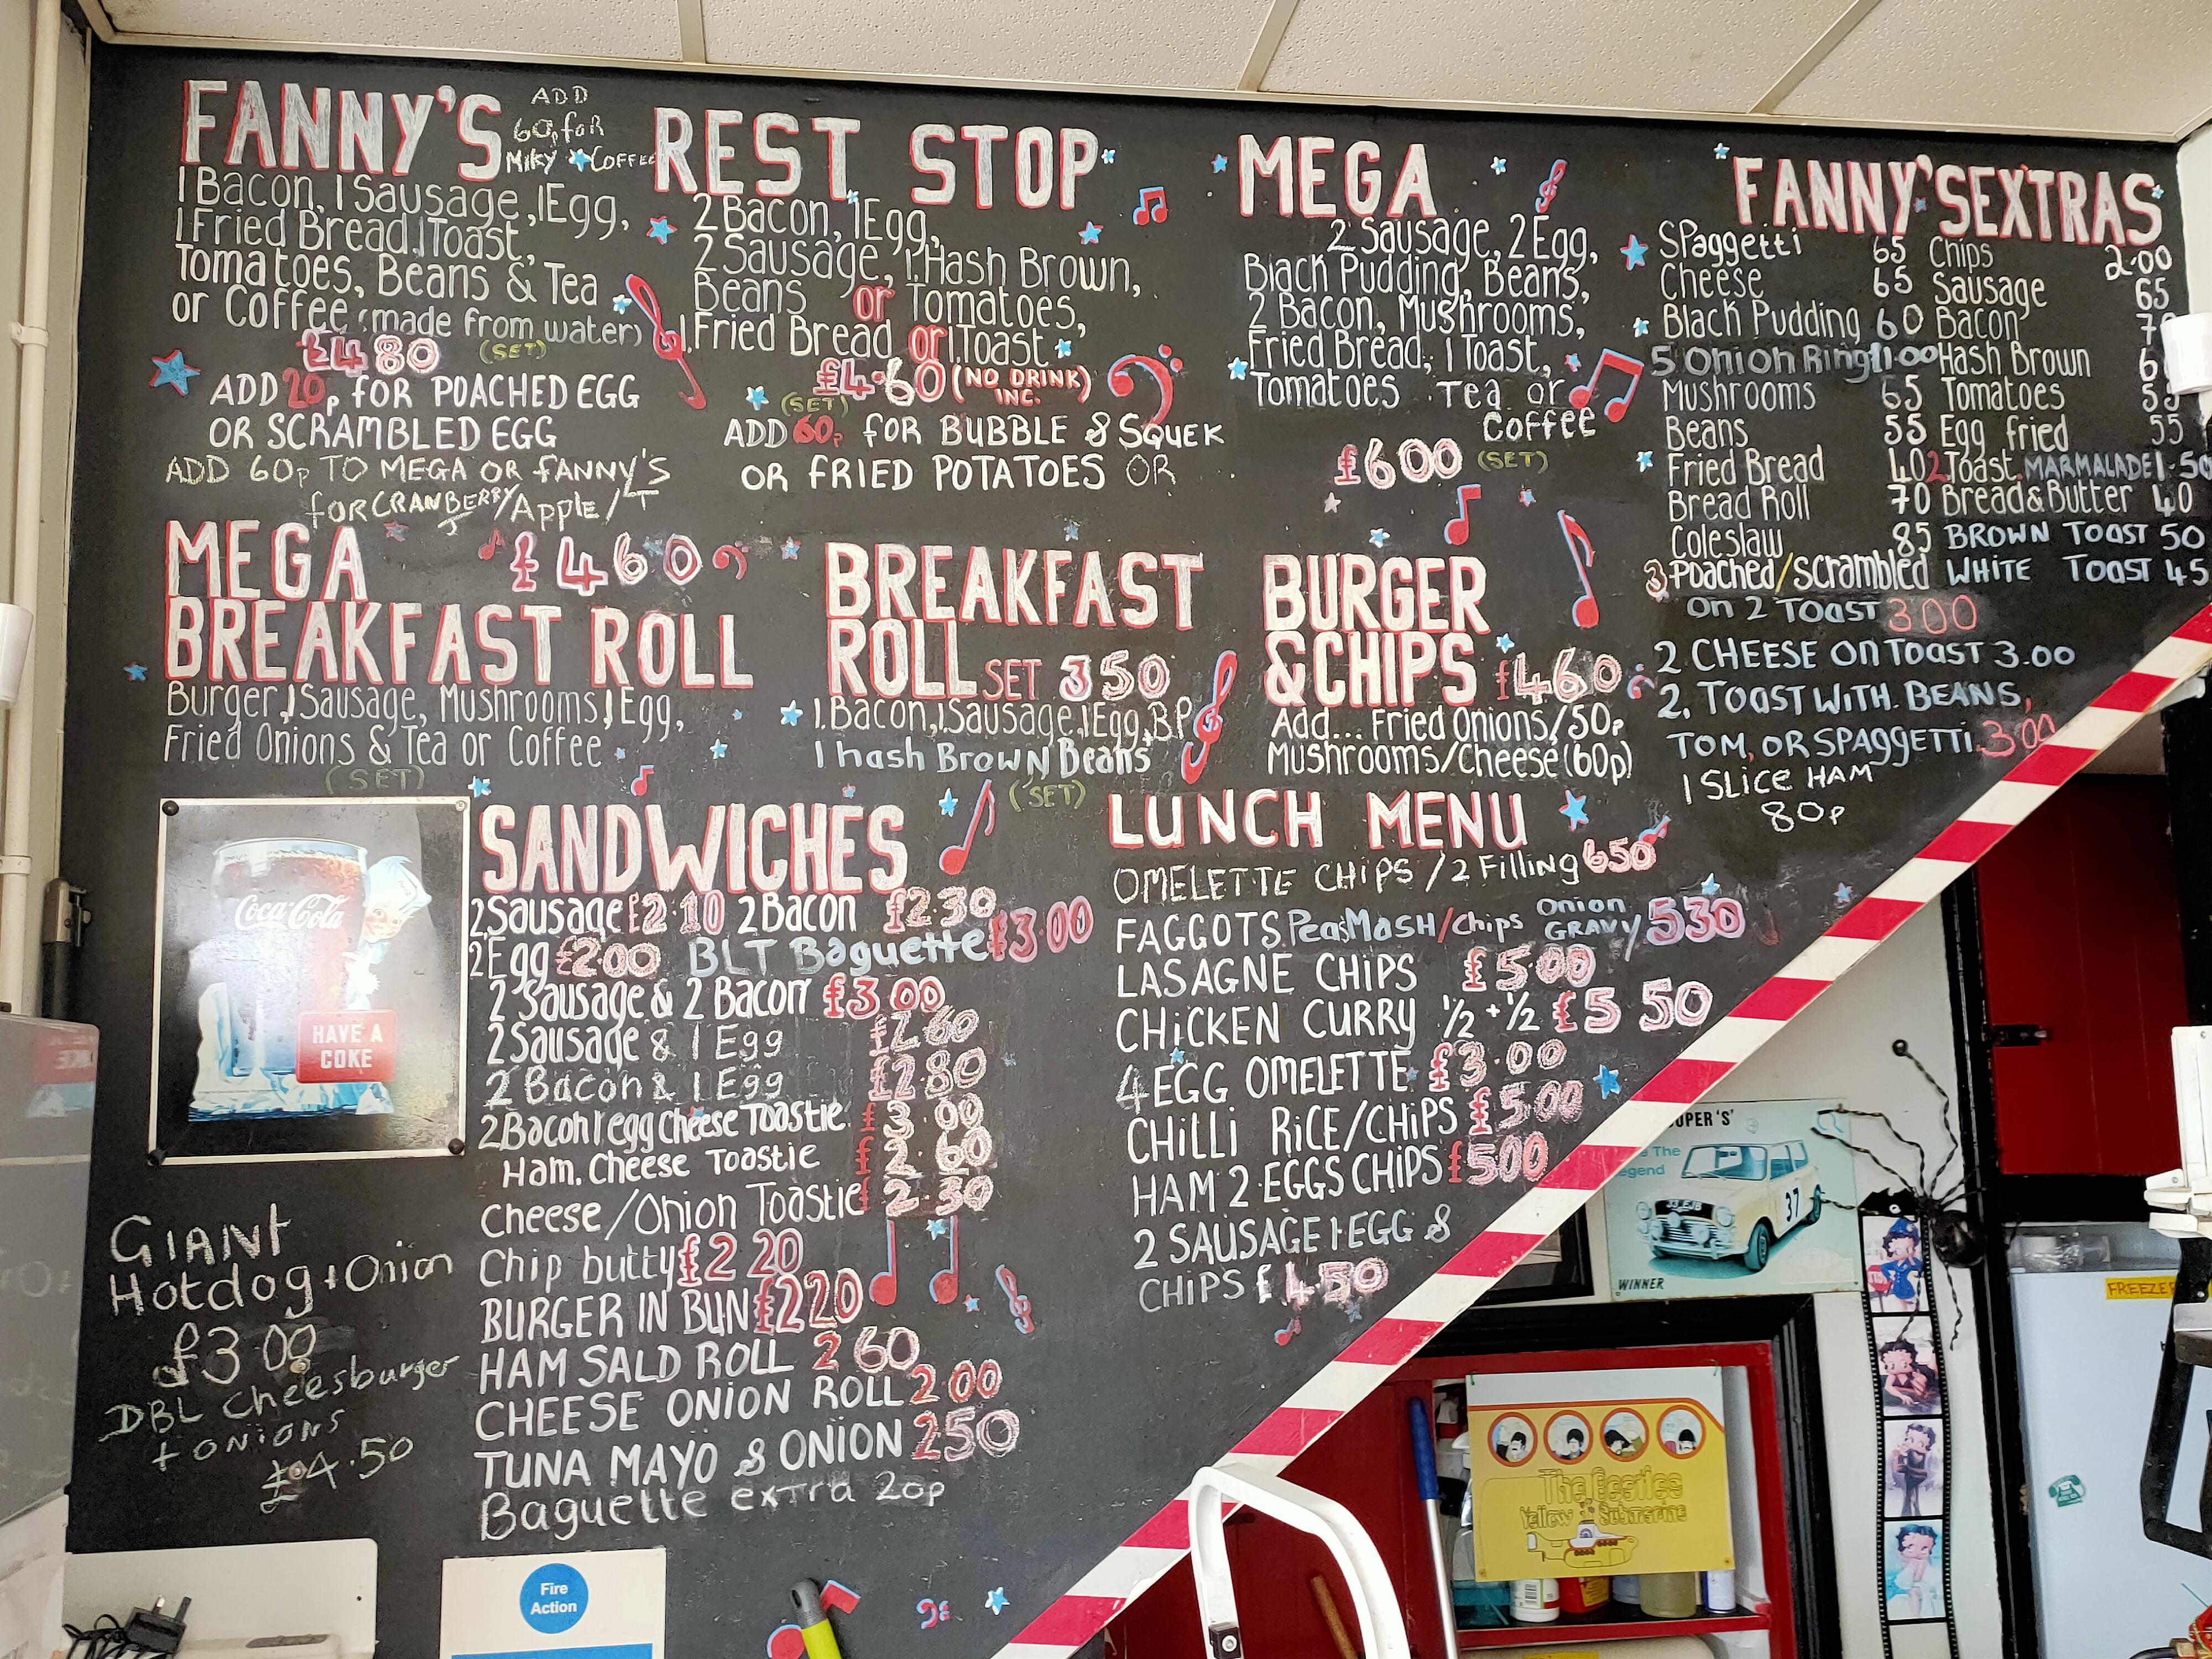 Fannys Cafe menu 2021